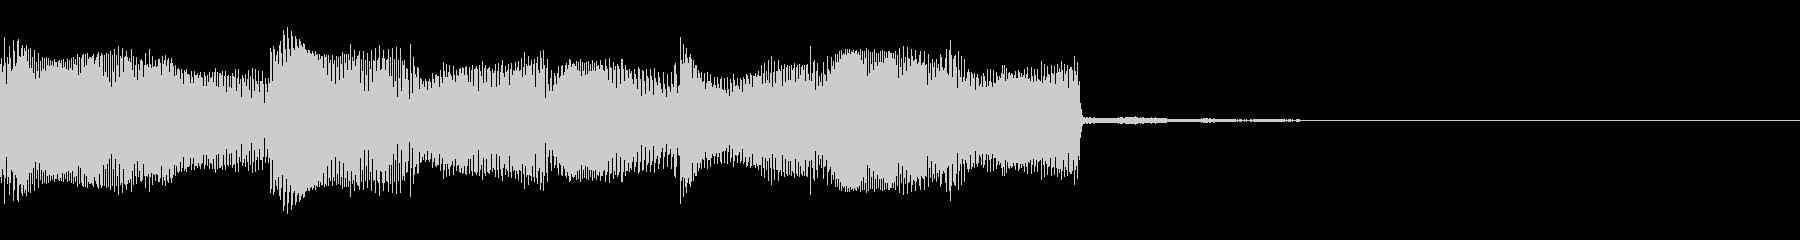 緊迫・怪しい・不吉な効果音の未再生の波形